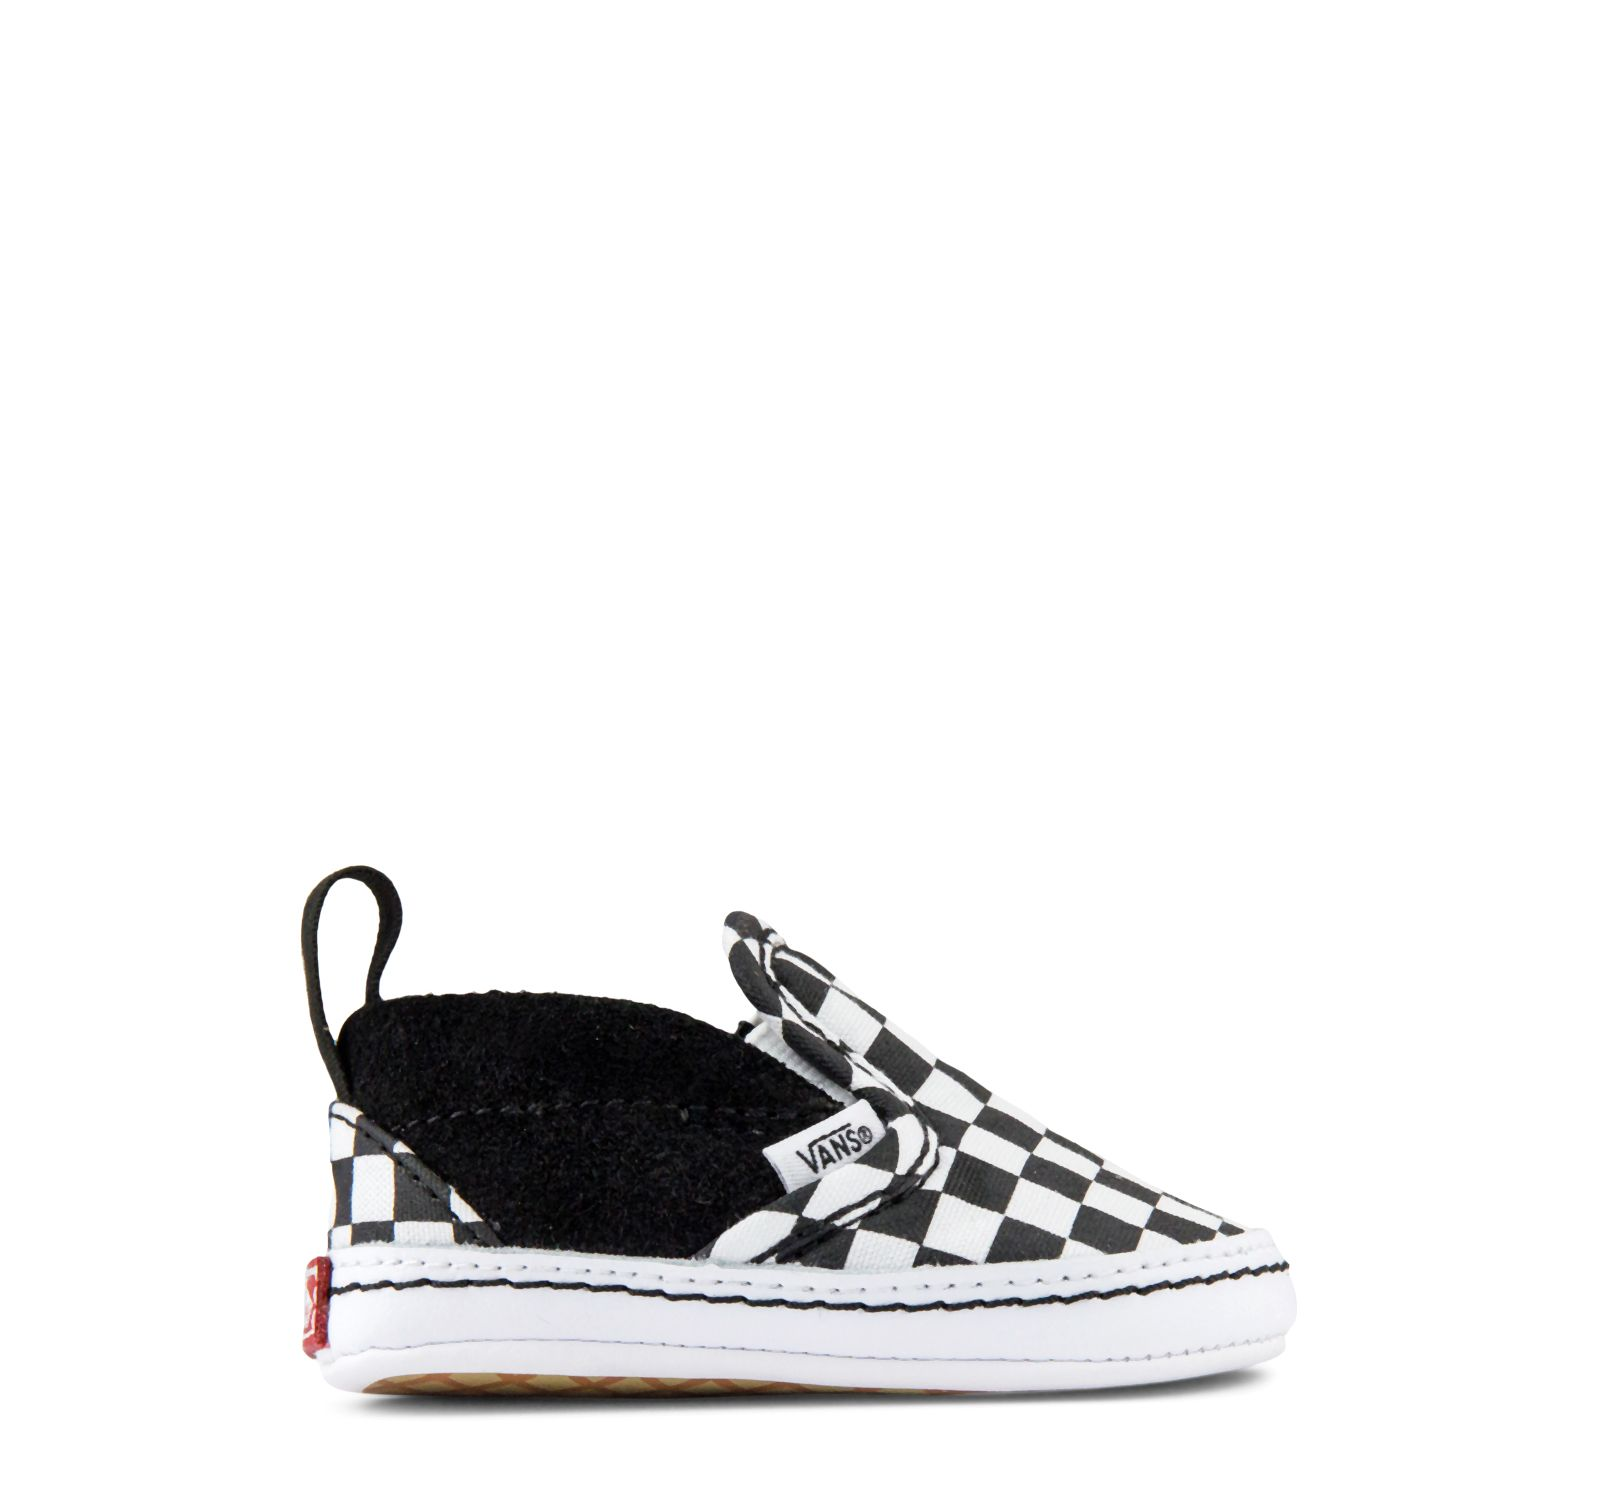 576afc1ab3 Vans Infant Checker Slip-On V Crib in Black and White